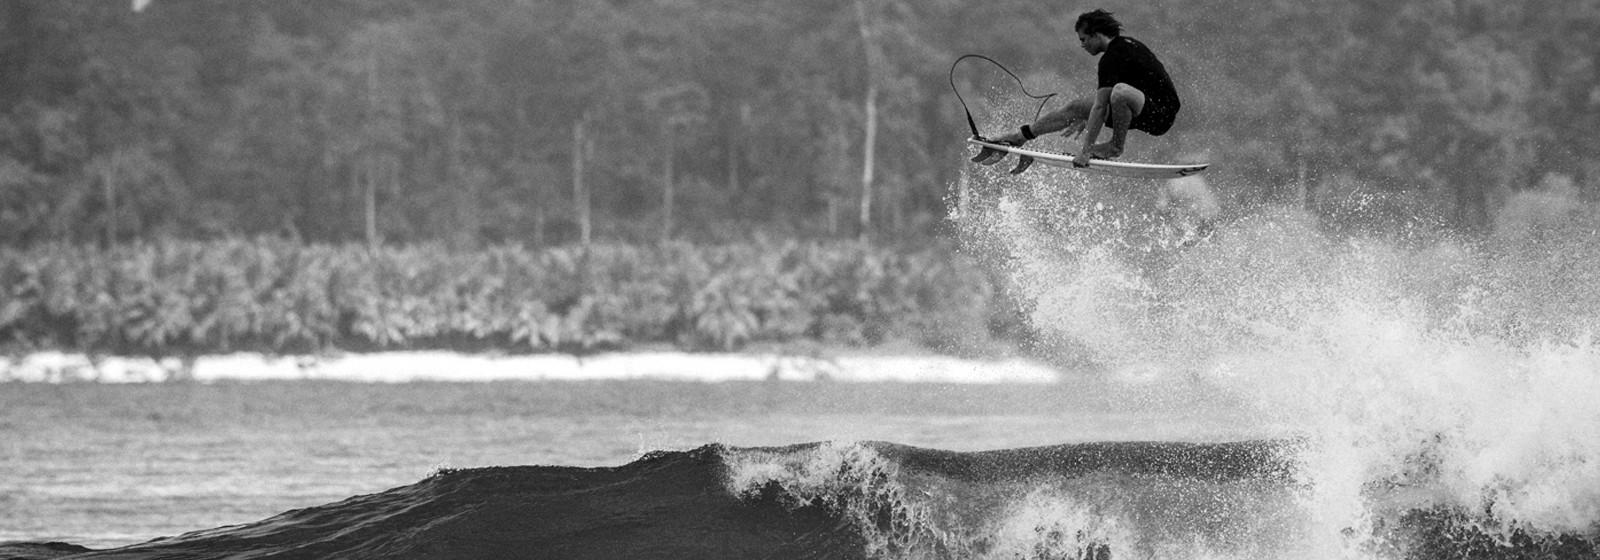 Surfe Acima do Lip